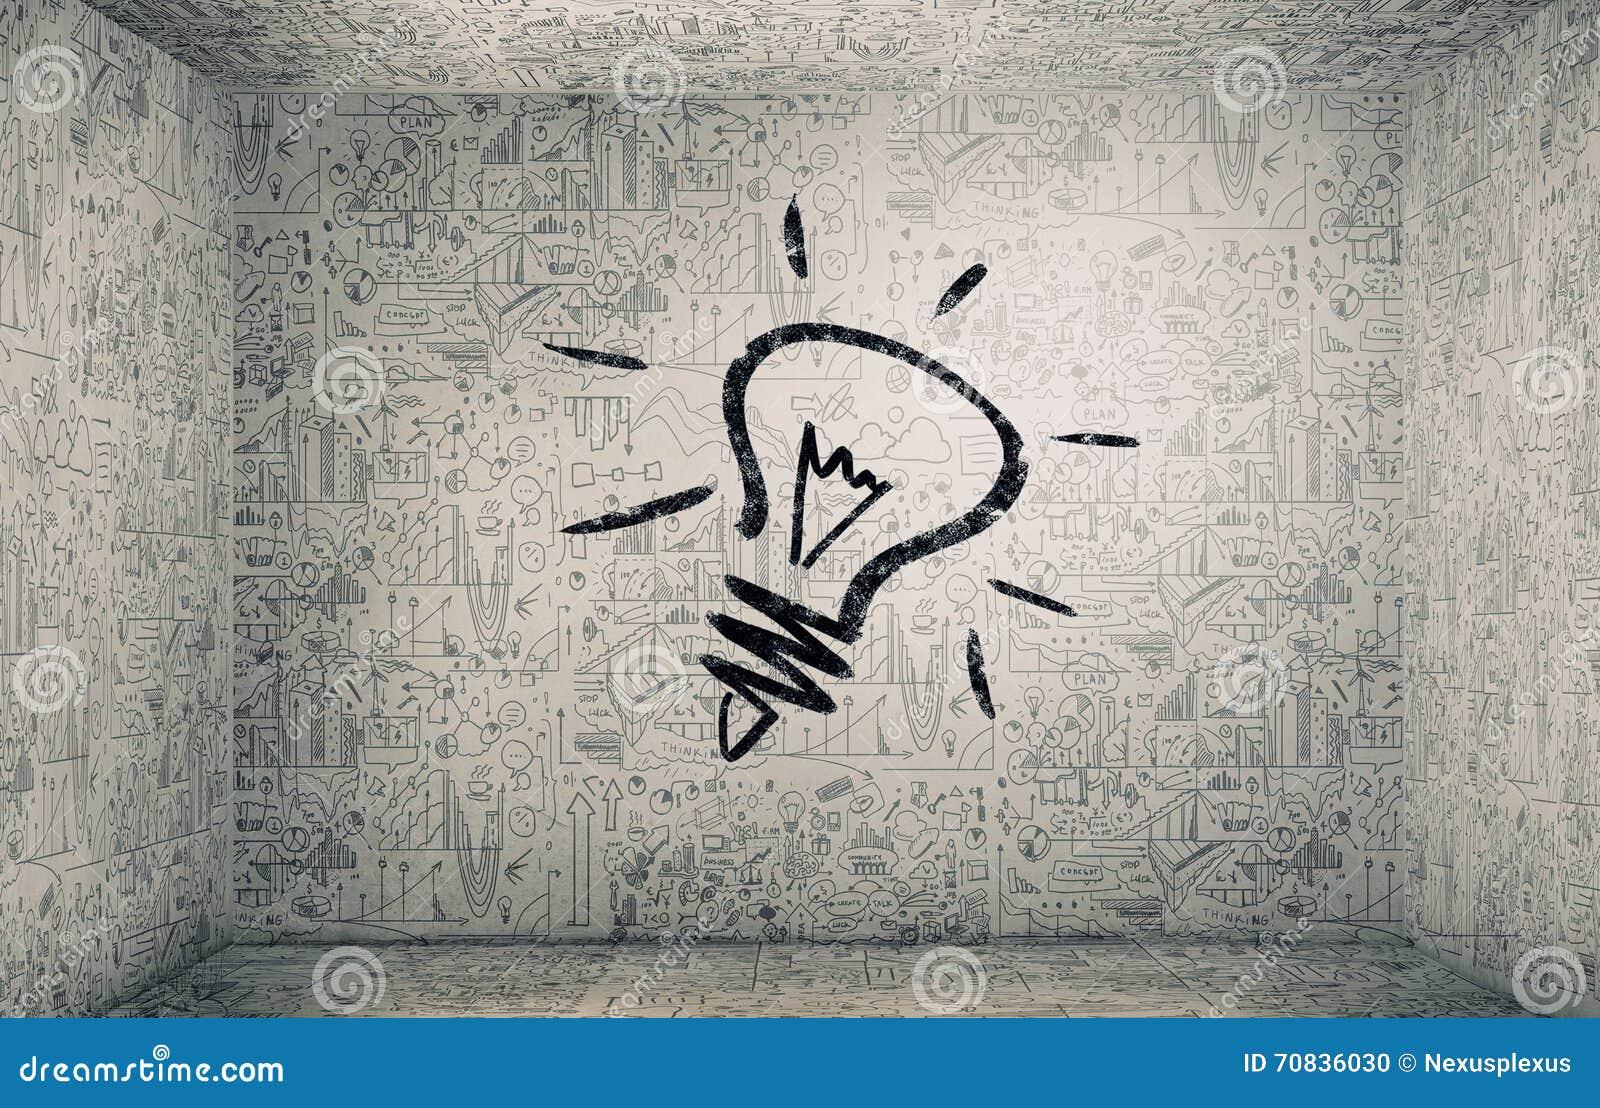 Getrokken Ideeën Op Muur Stock Foto - Afbeelding: 70836030